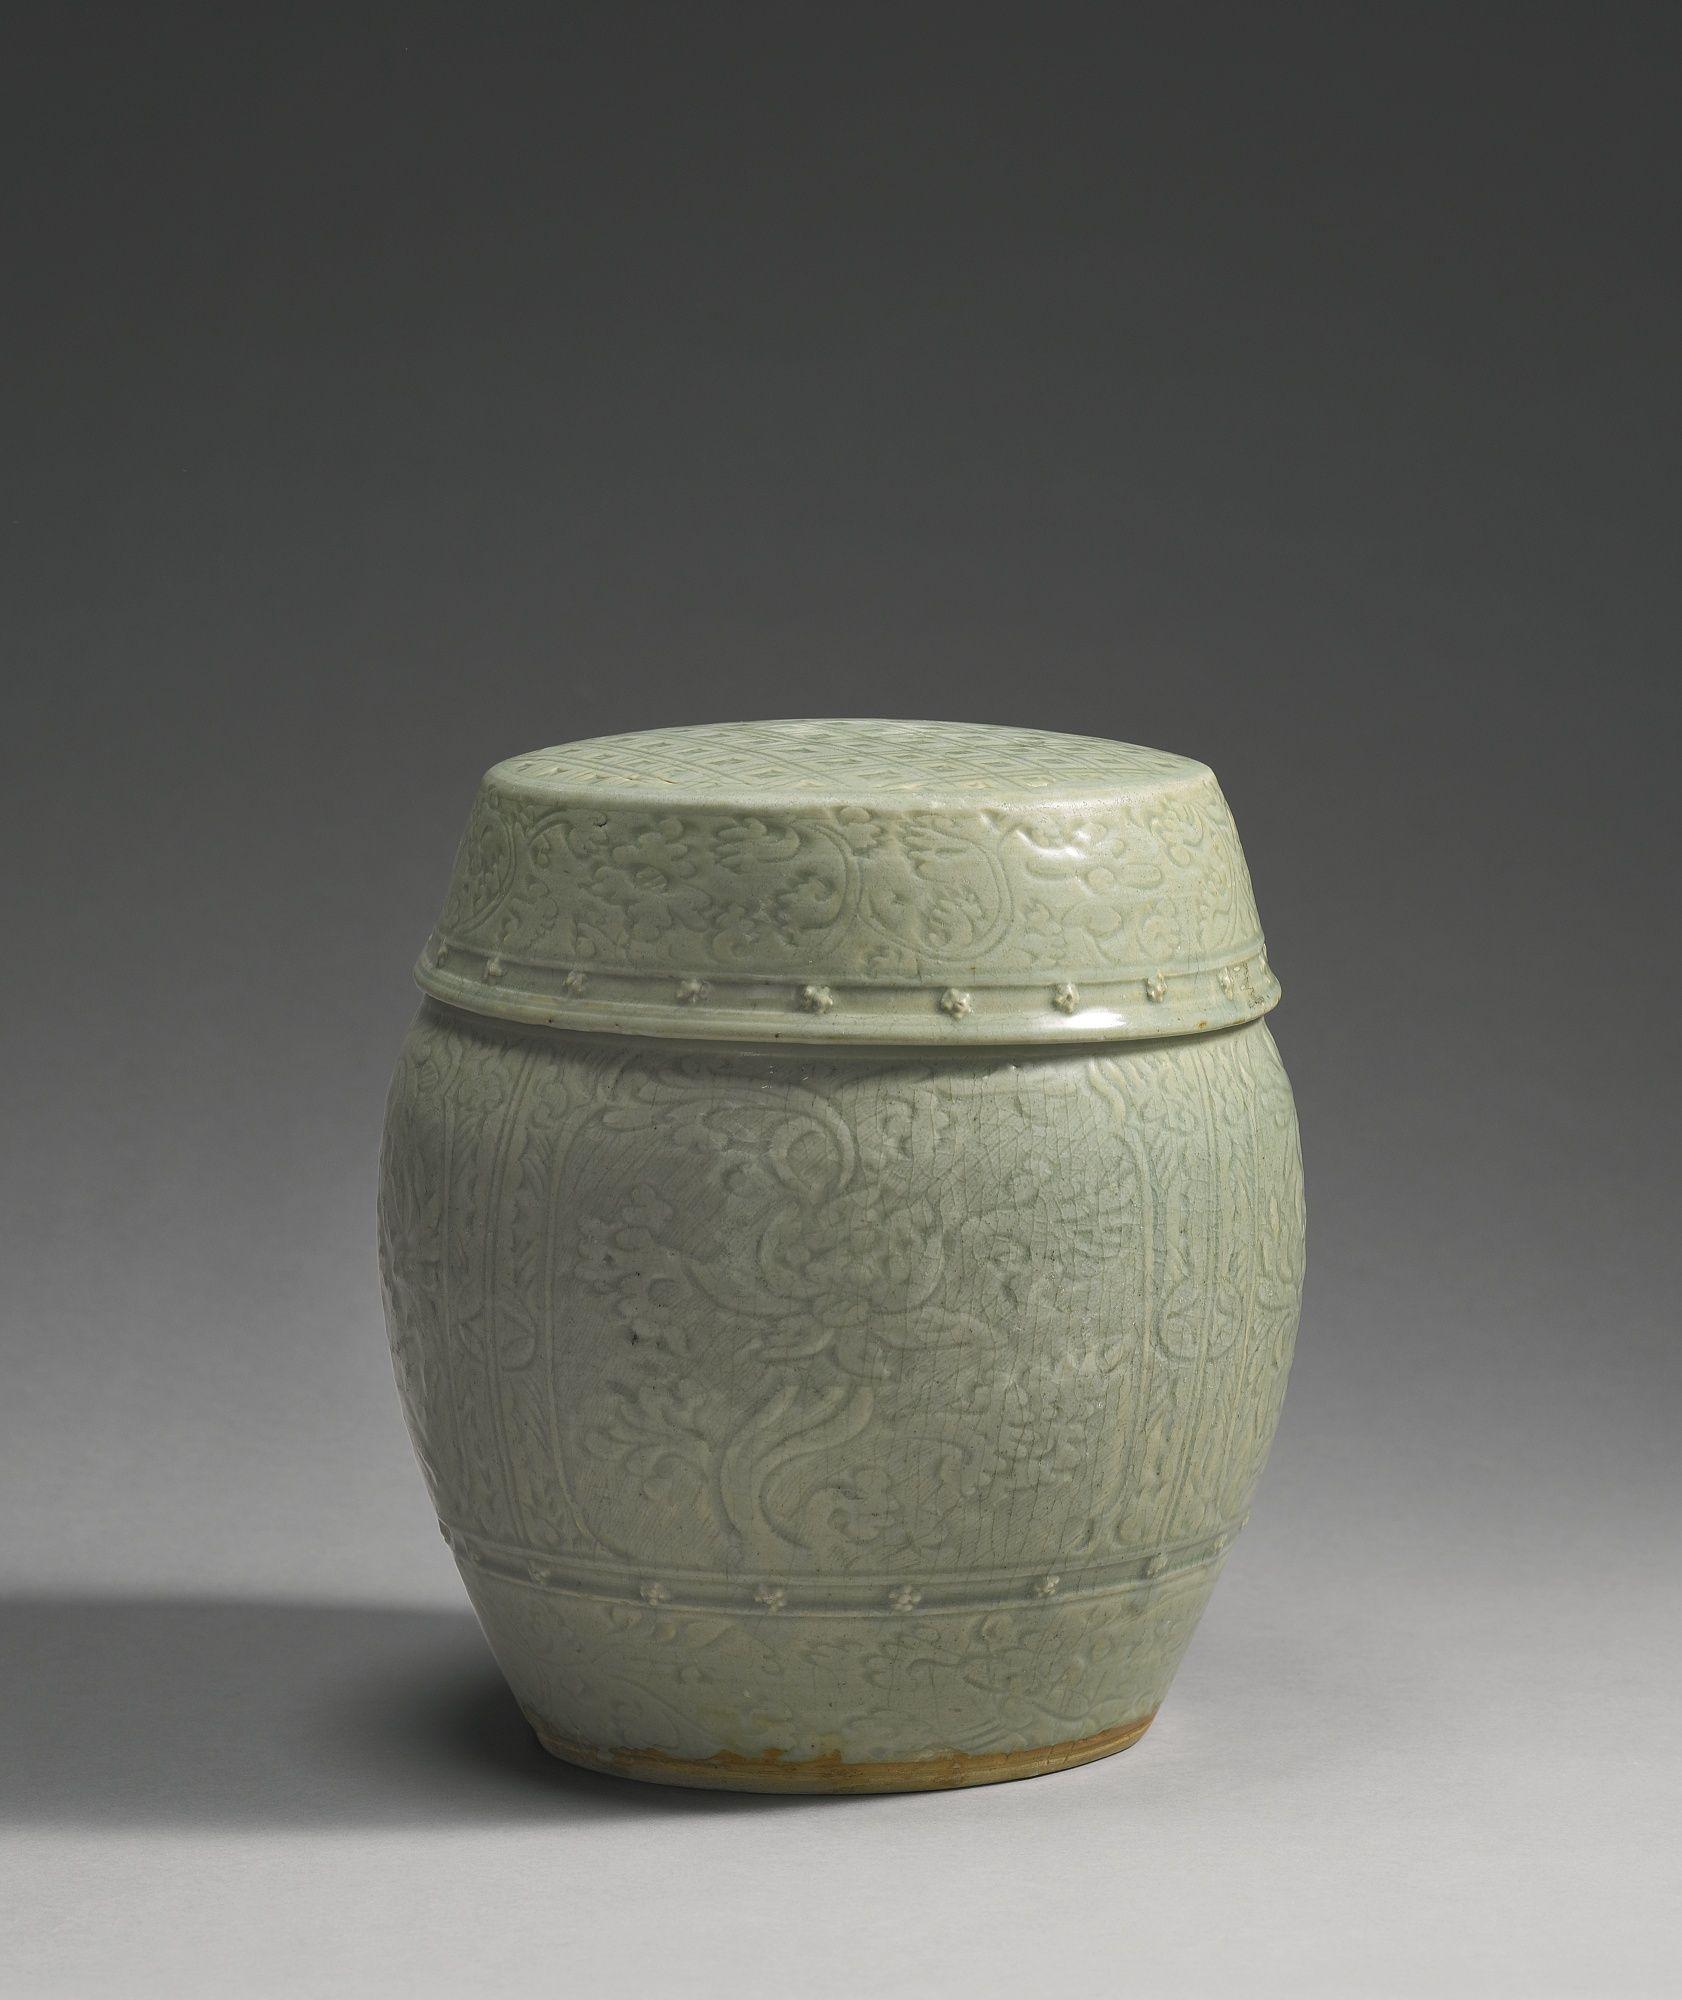 A u0027Longquanu0027 celadon garden stool (Zuodun) Ming dynasty 15th- & A u0027Longquanu0027 celadon garden stool (Zuodun) Ming dynasty 15th ... islam-shia.org